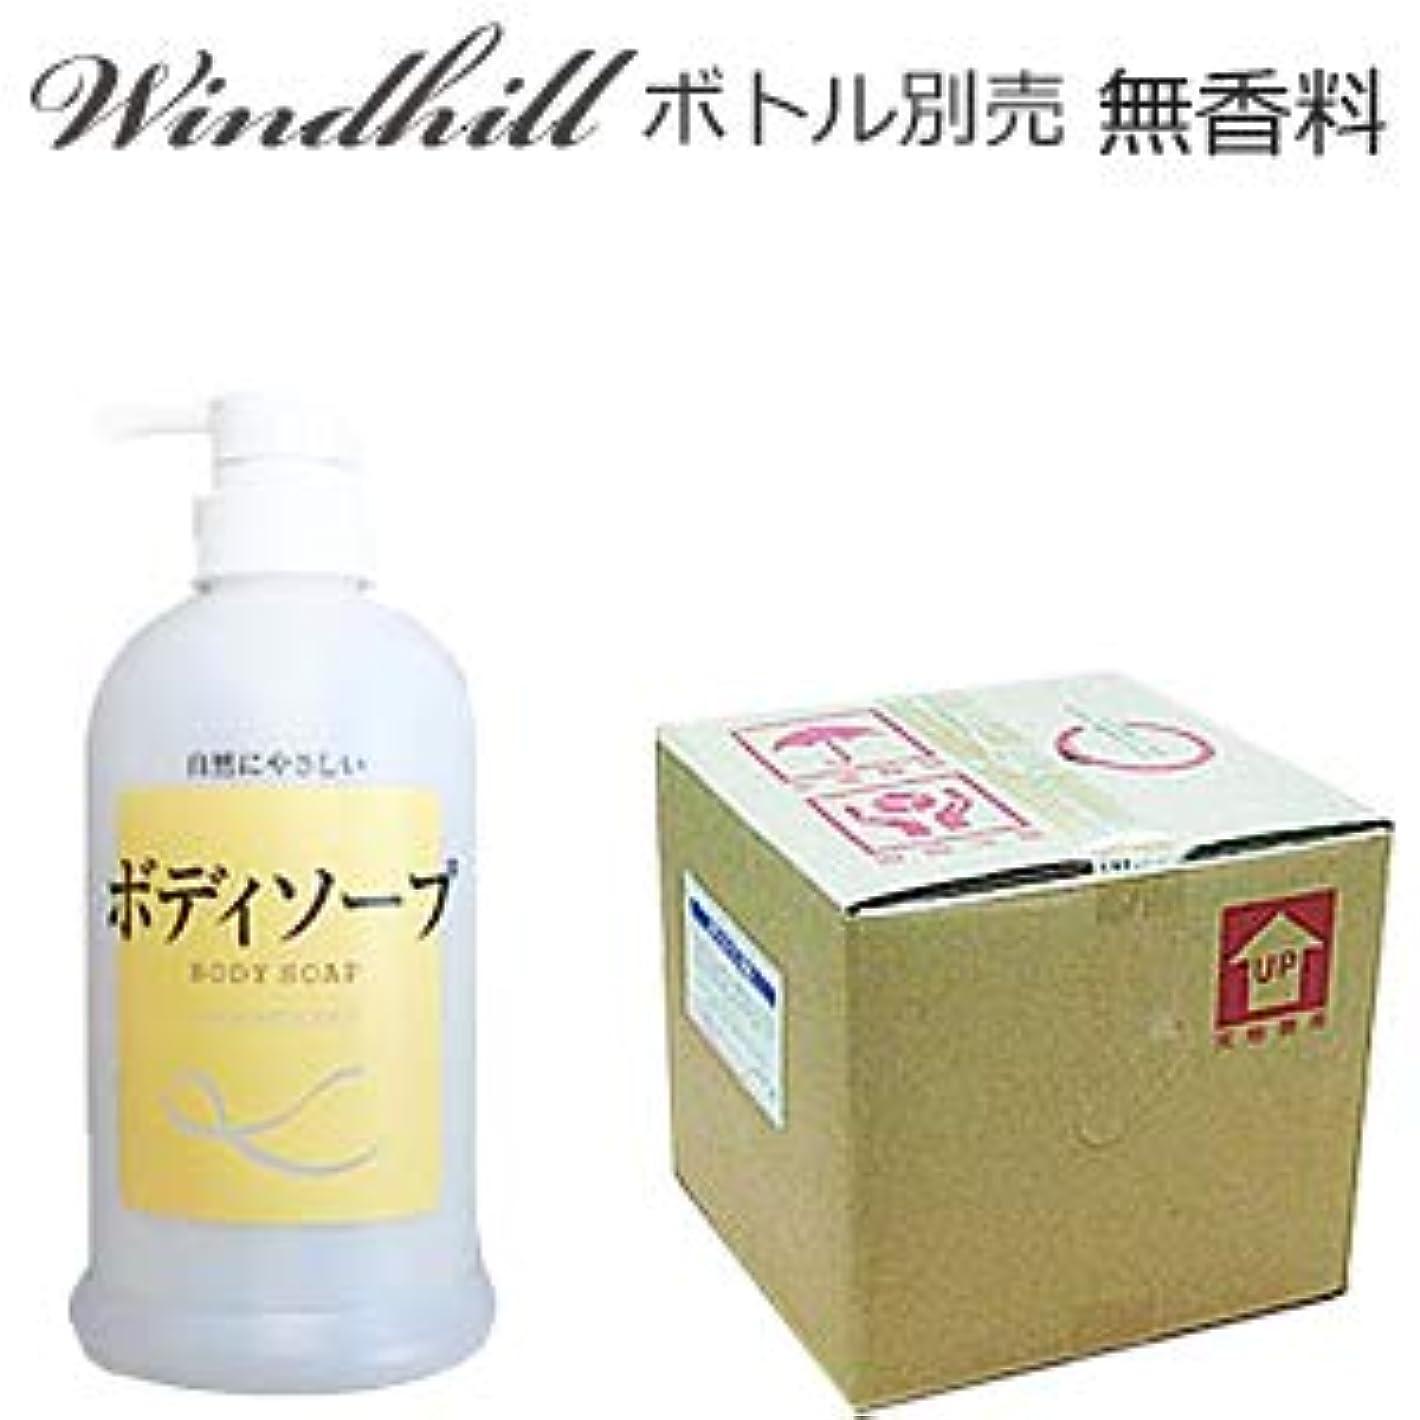 トイレ啓発する組み合わせWindhill 植物性 業務用ボディソープ 無香料 20L(1セット20L入)